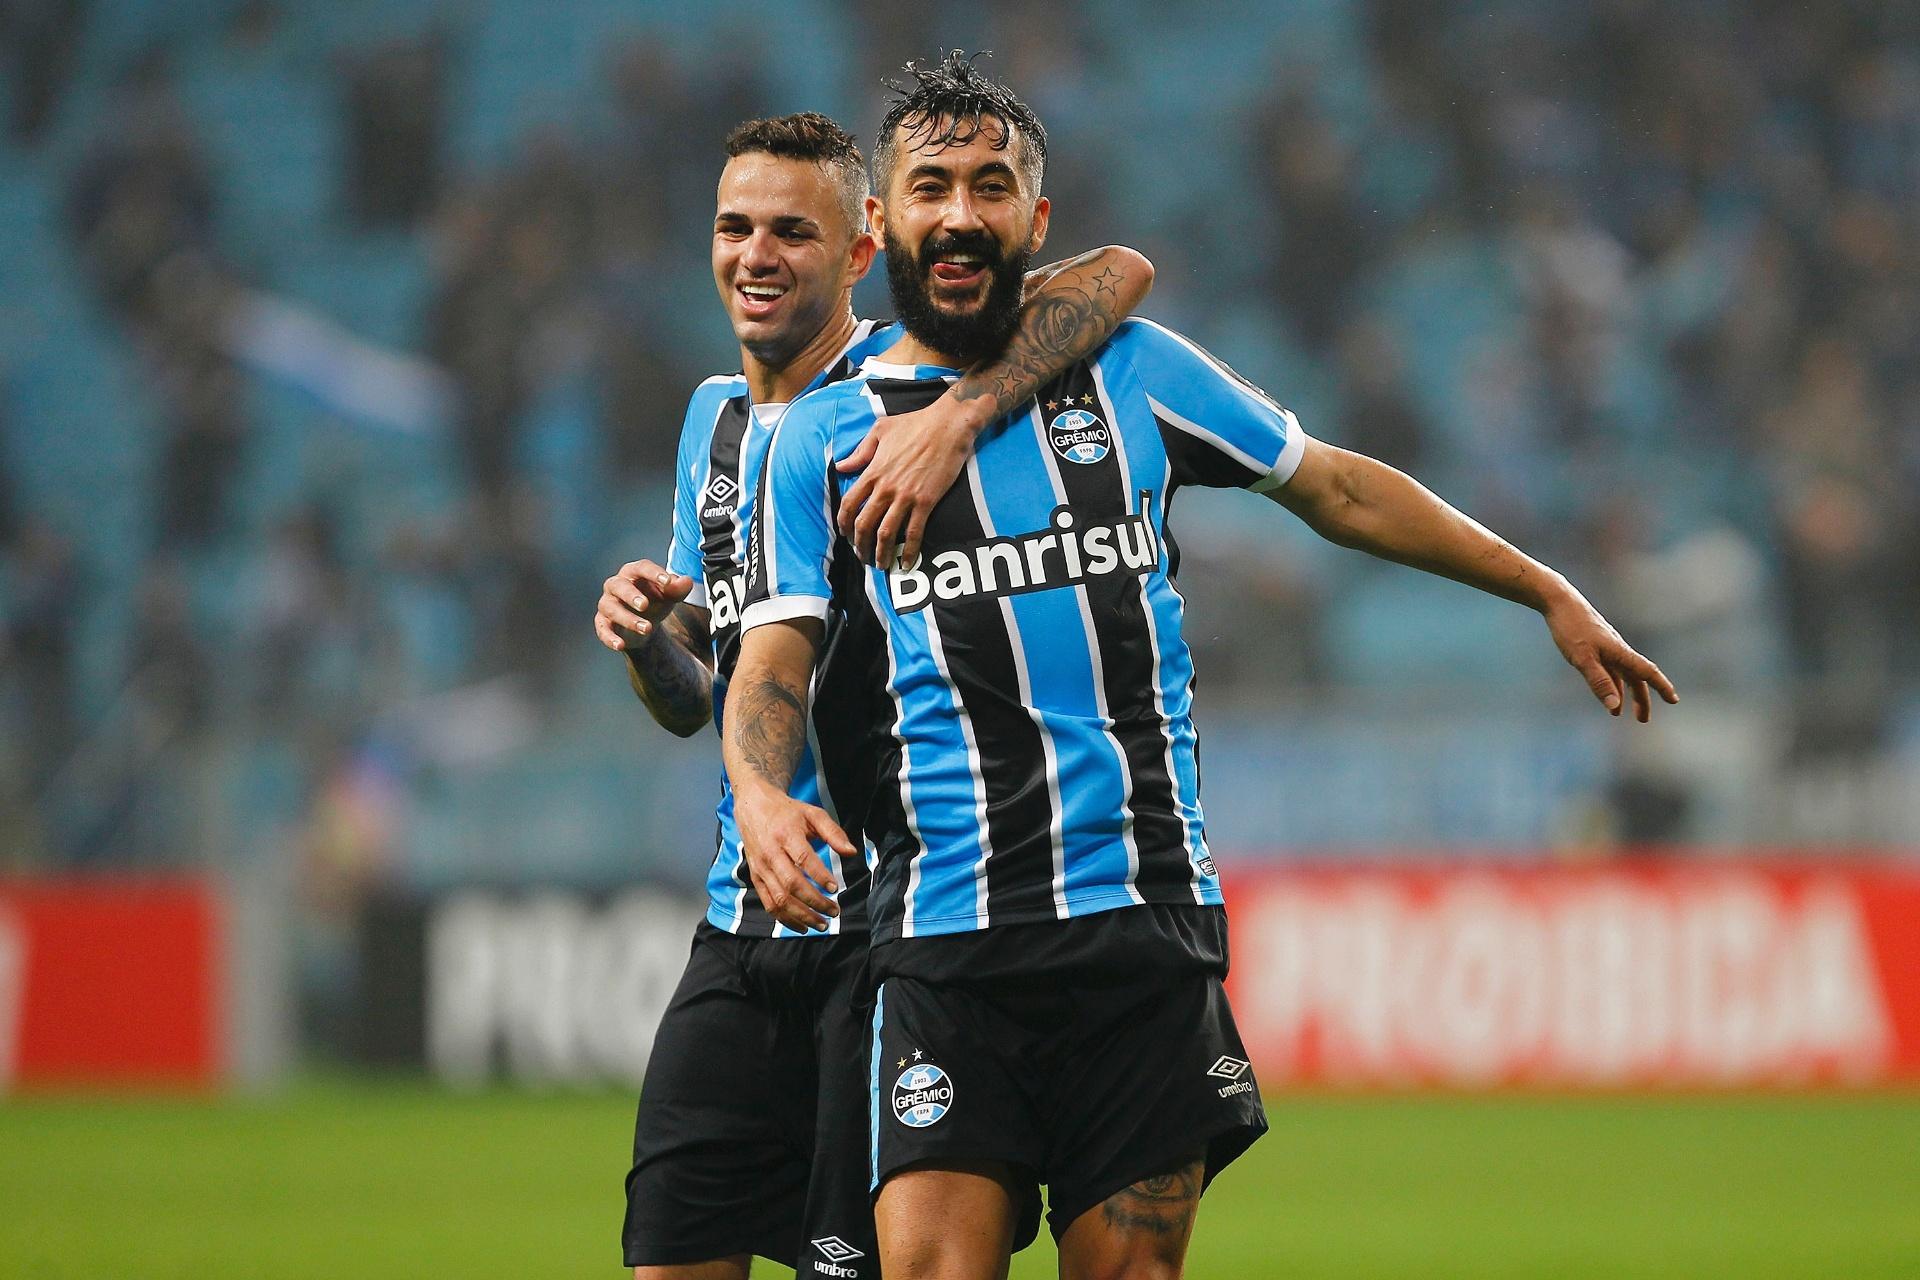 Boa fase de Douglas ameaça retorno de Bolaños ao Grêmio no clássico -  30 06 2016 - UOL Esporte 9f4cda3f3d07f